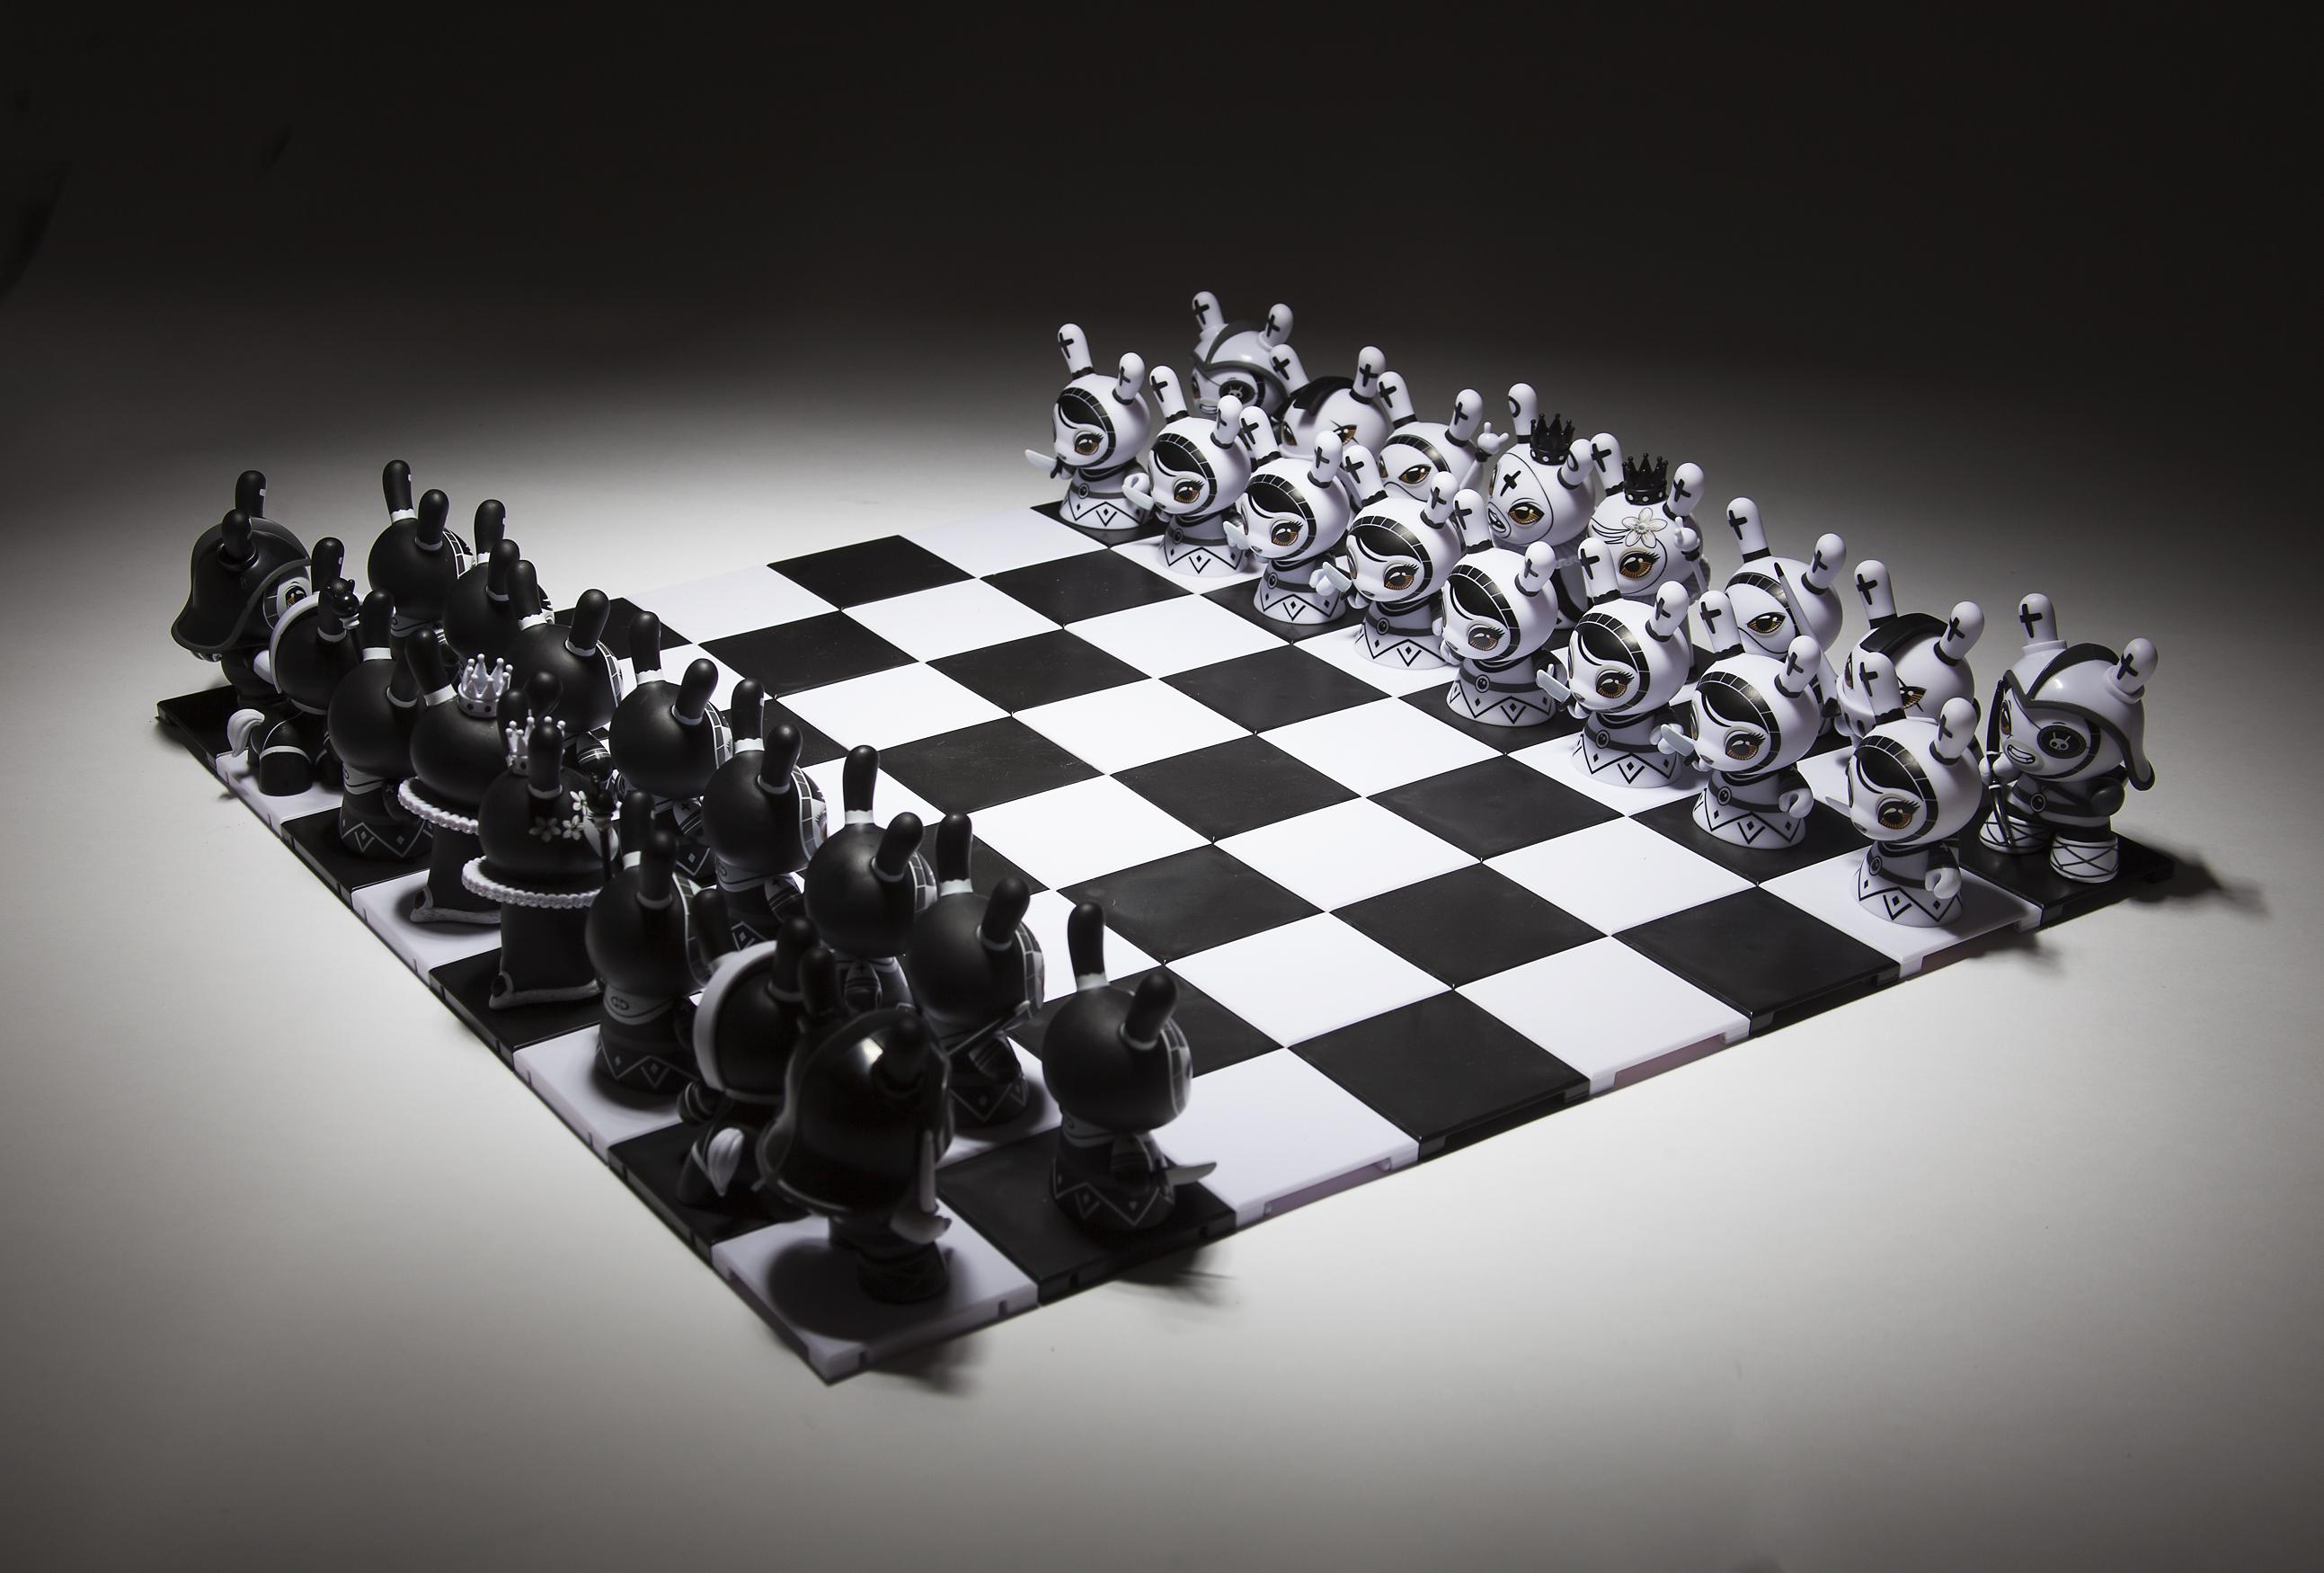 Kidrobot Shah Mat Chess Series with Pawn Otto Bjornik Rook White